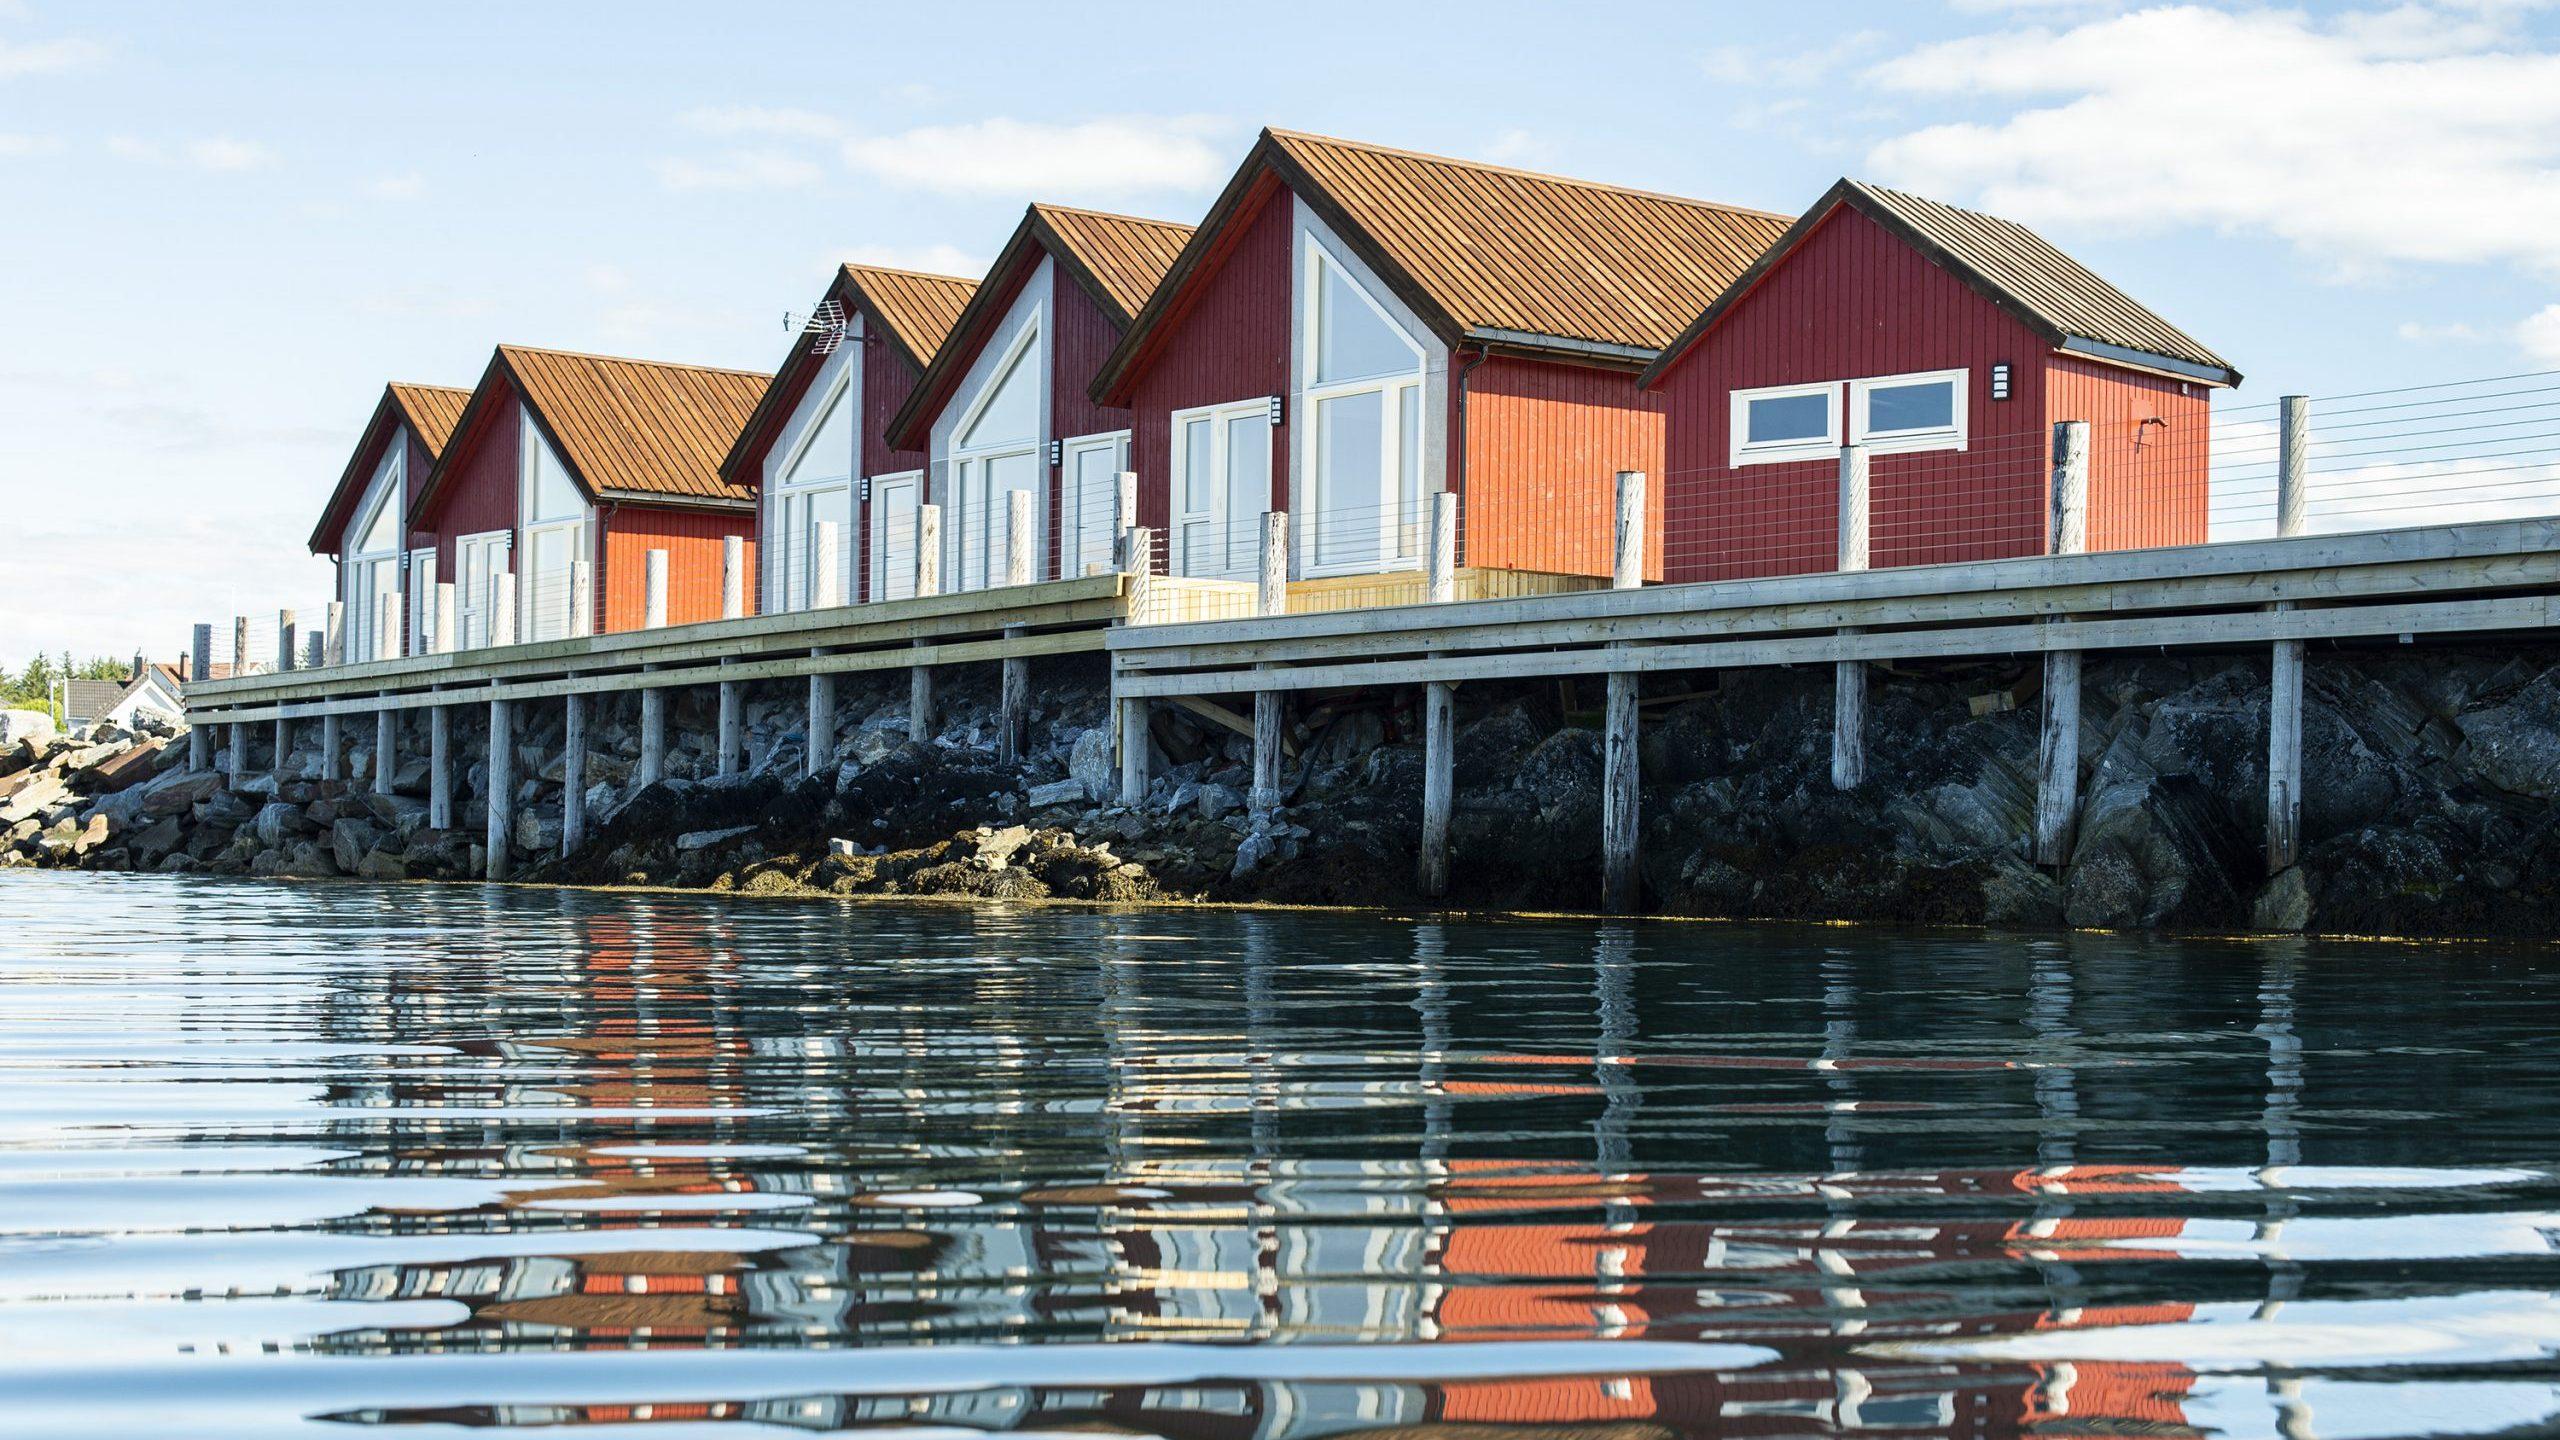 Norsk Havbrukssenter - Rorbu utsikt fra havet